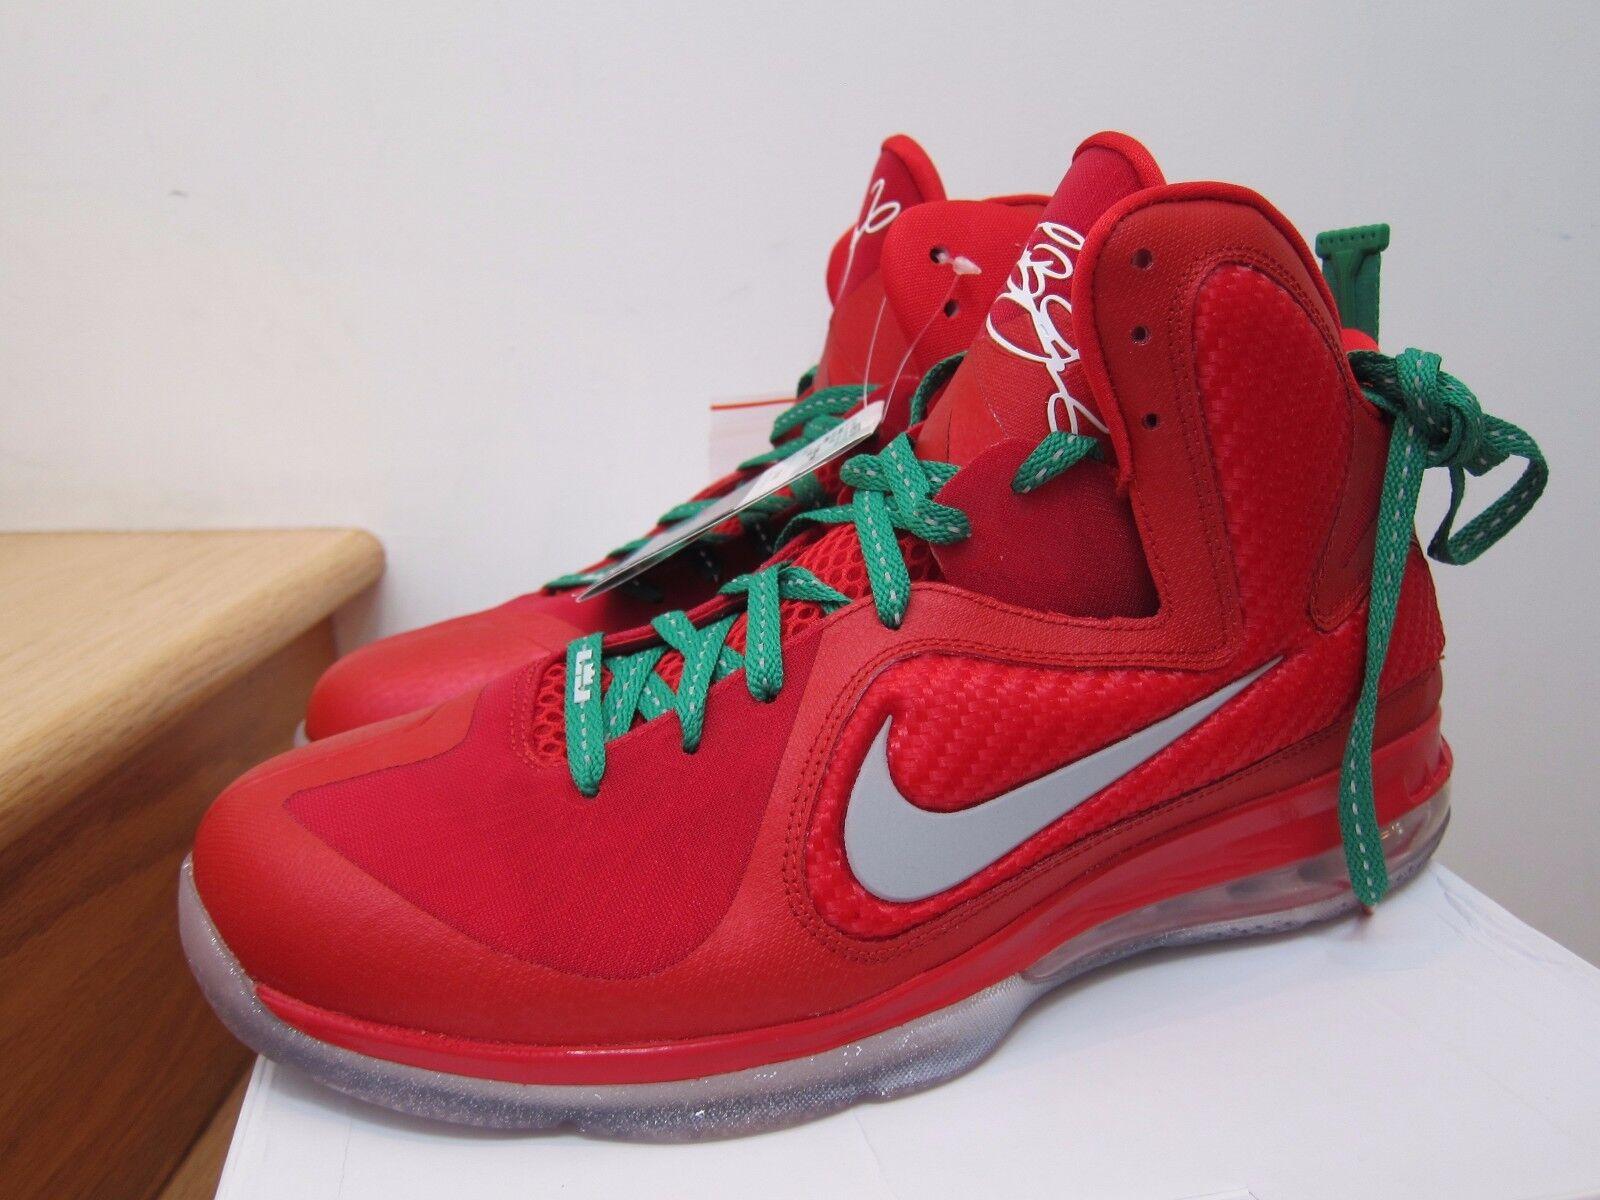 2012 la nike air lebron 9 x-mas natale rosso verde sz 13